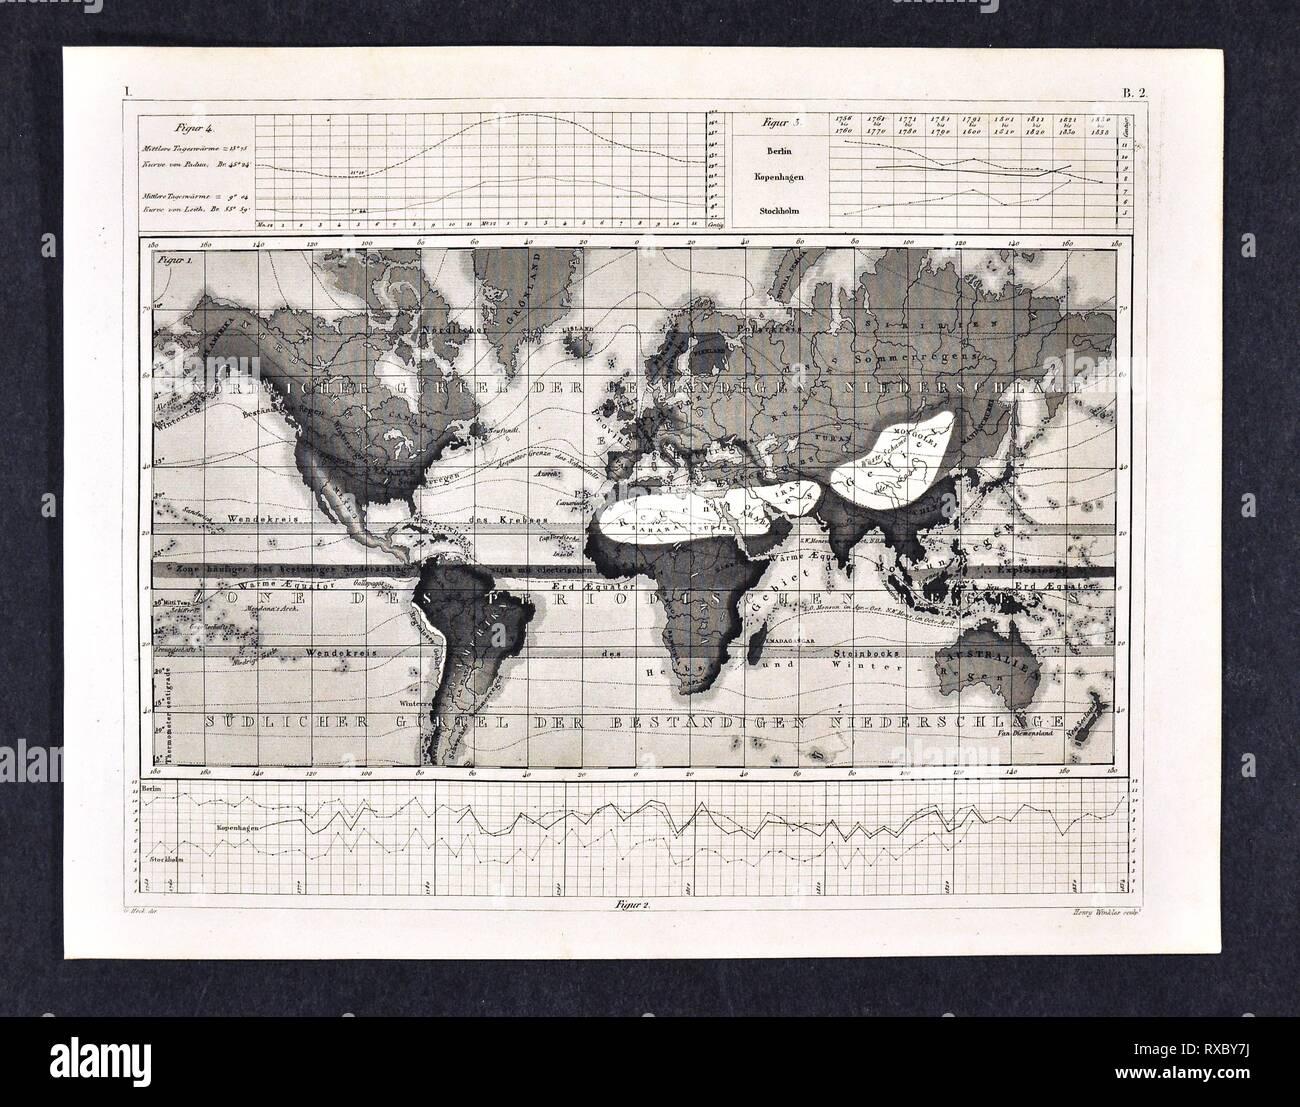 1849 Bilder Atlas Mundial Mapa Las precipitaciones y las zonas climáticas Imagen De Stock